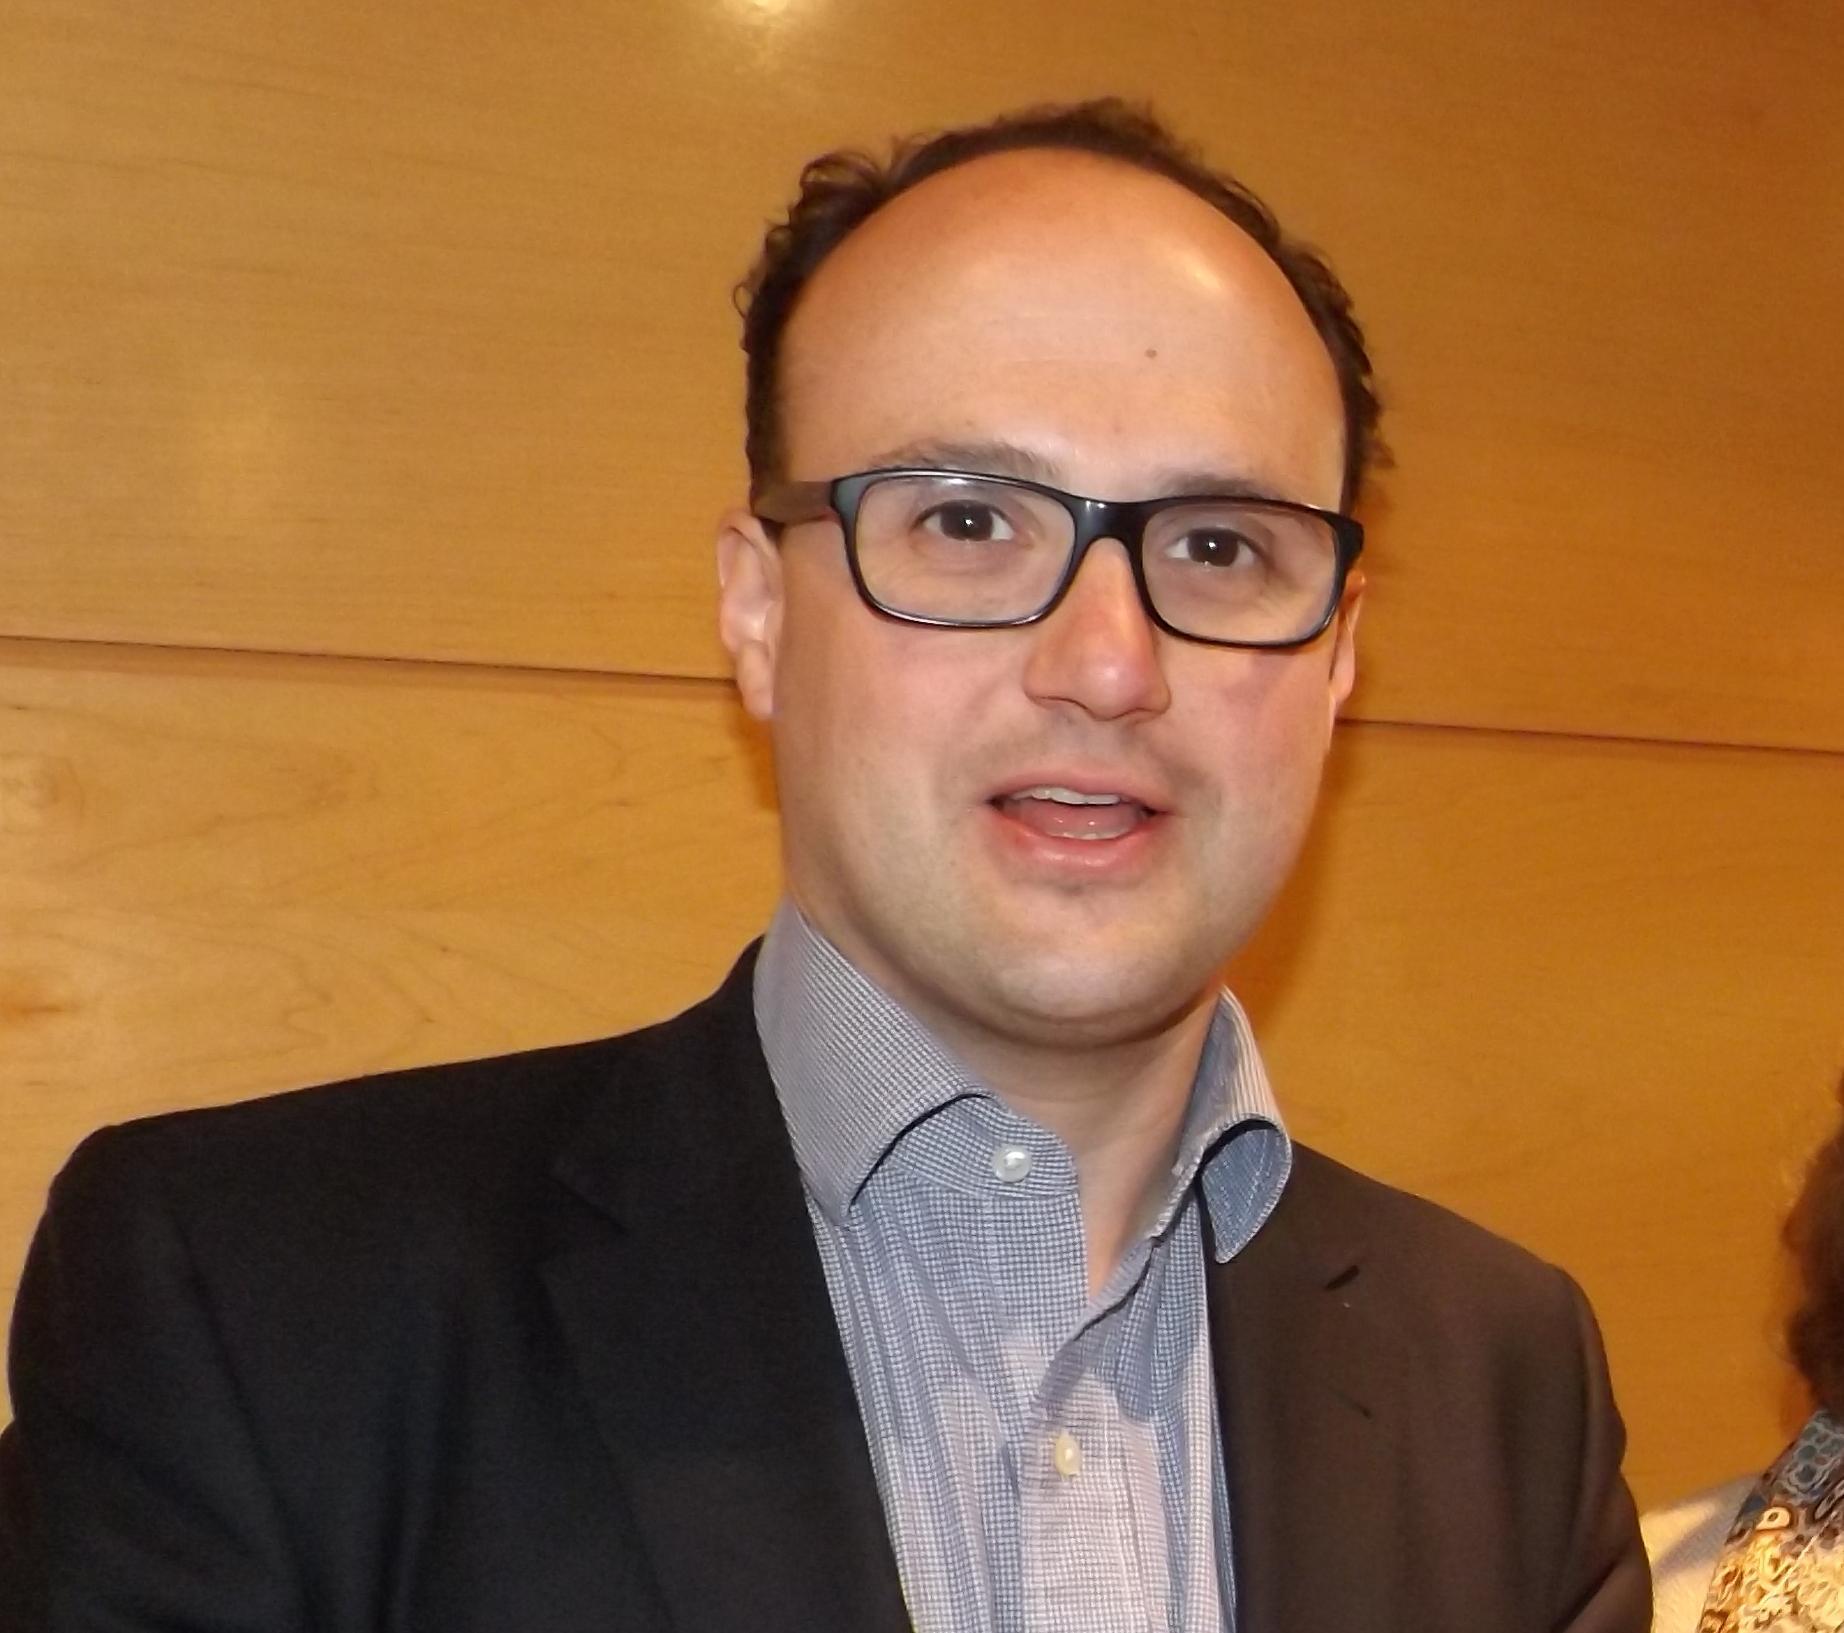 Gádor Ongil y Juan Ignacio Díaz Bidart, dos políticos de Torrelodones en las listas al Congreso